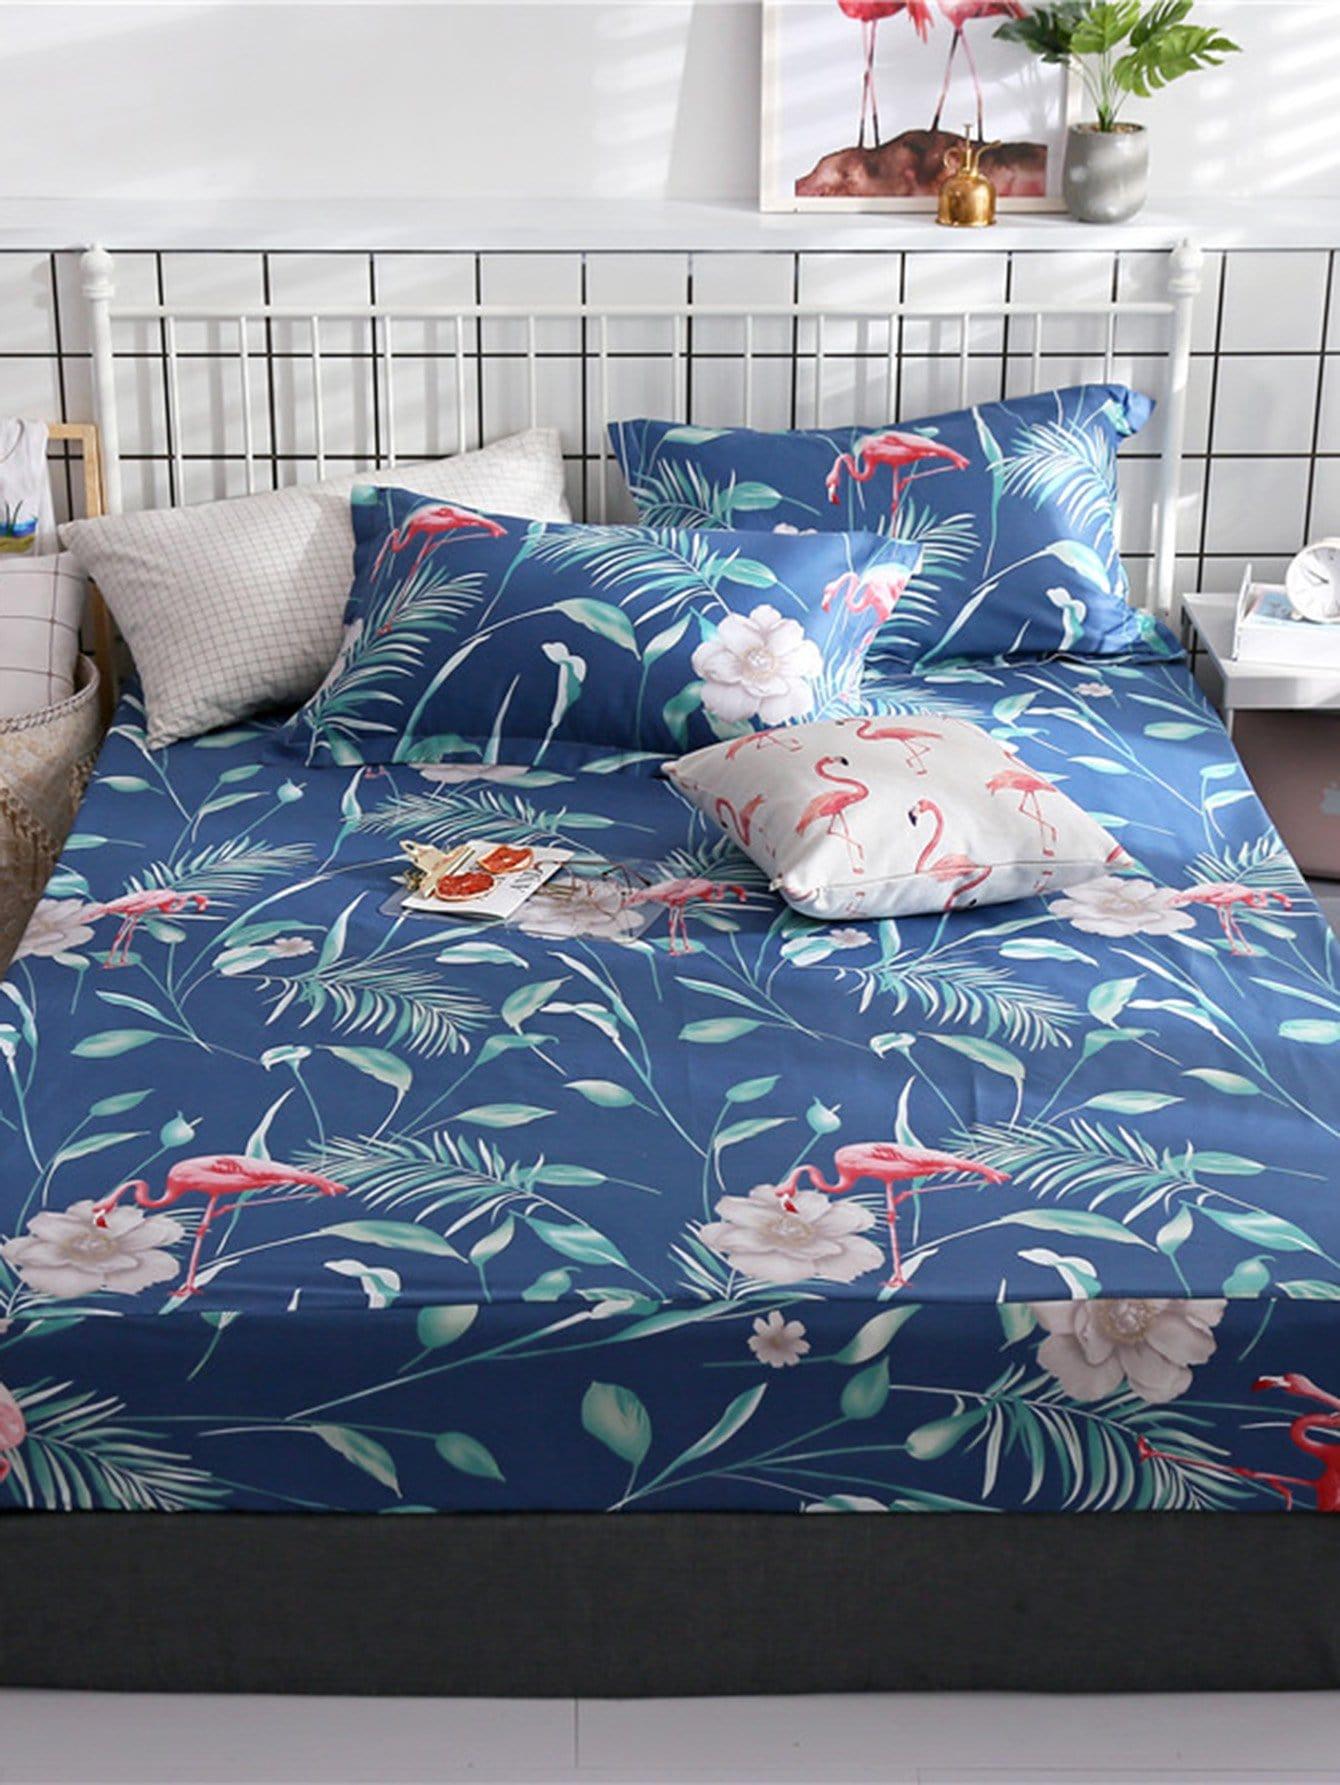 Купить Удобное постельное бельё с рисунками фламинго и листьев 1 шт, null, SheIn